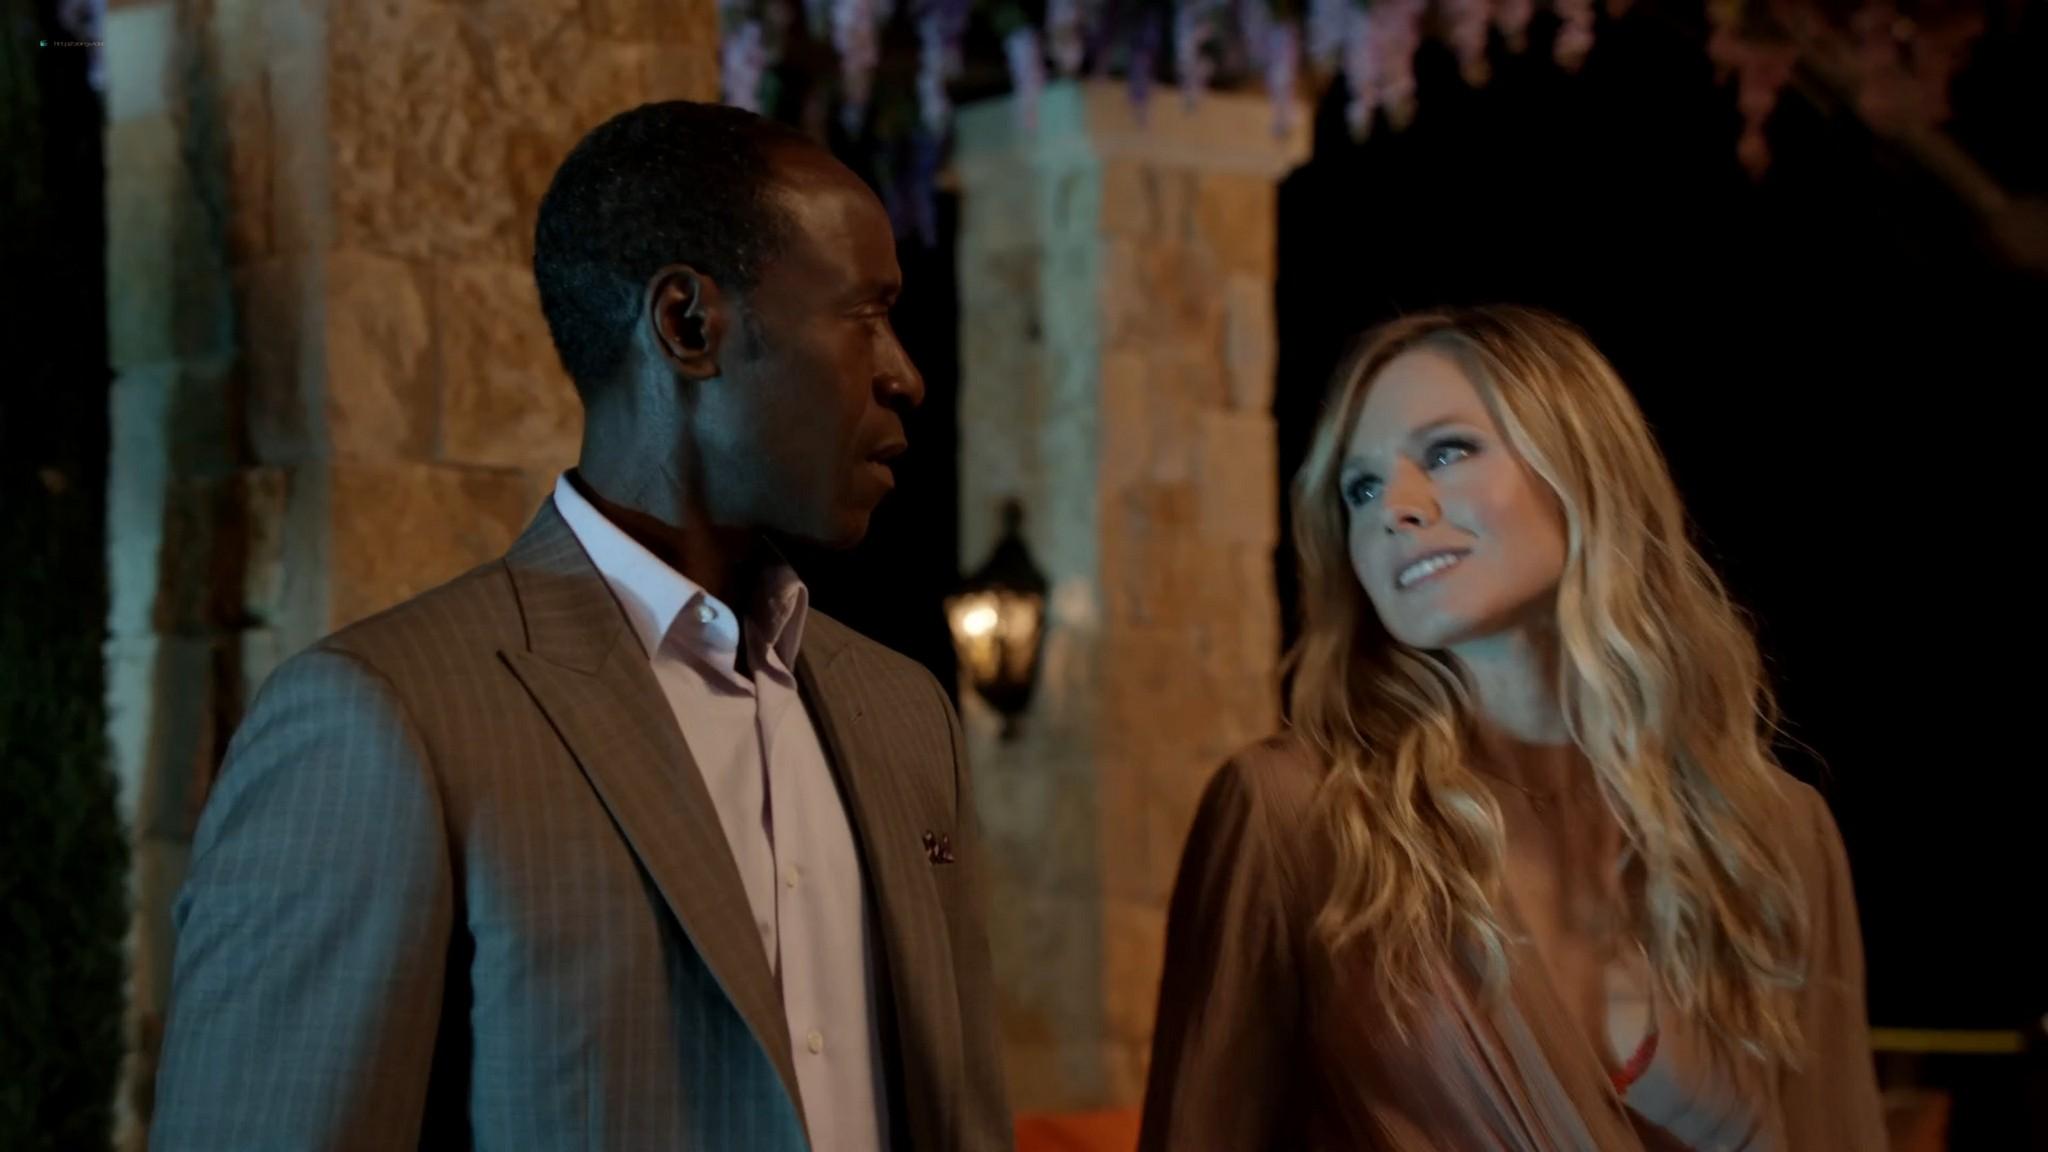 Anna Wood nude sex Kristen Bell hot House of Lies 2012 s1e8 12 1080p Web